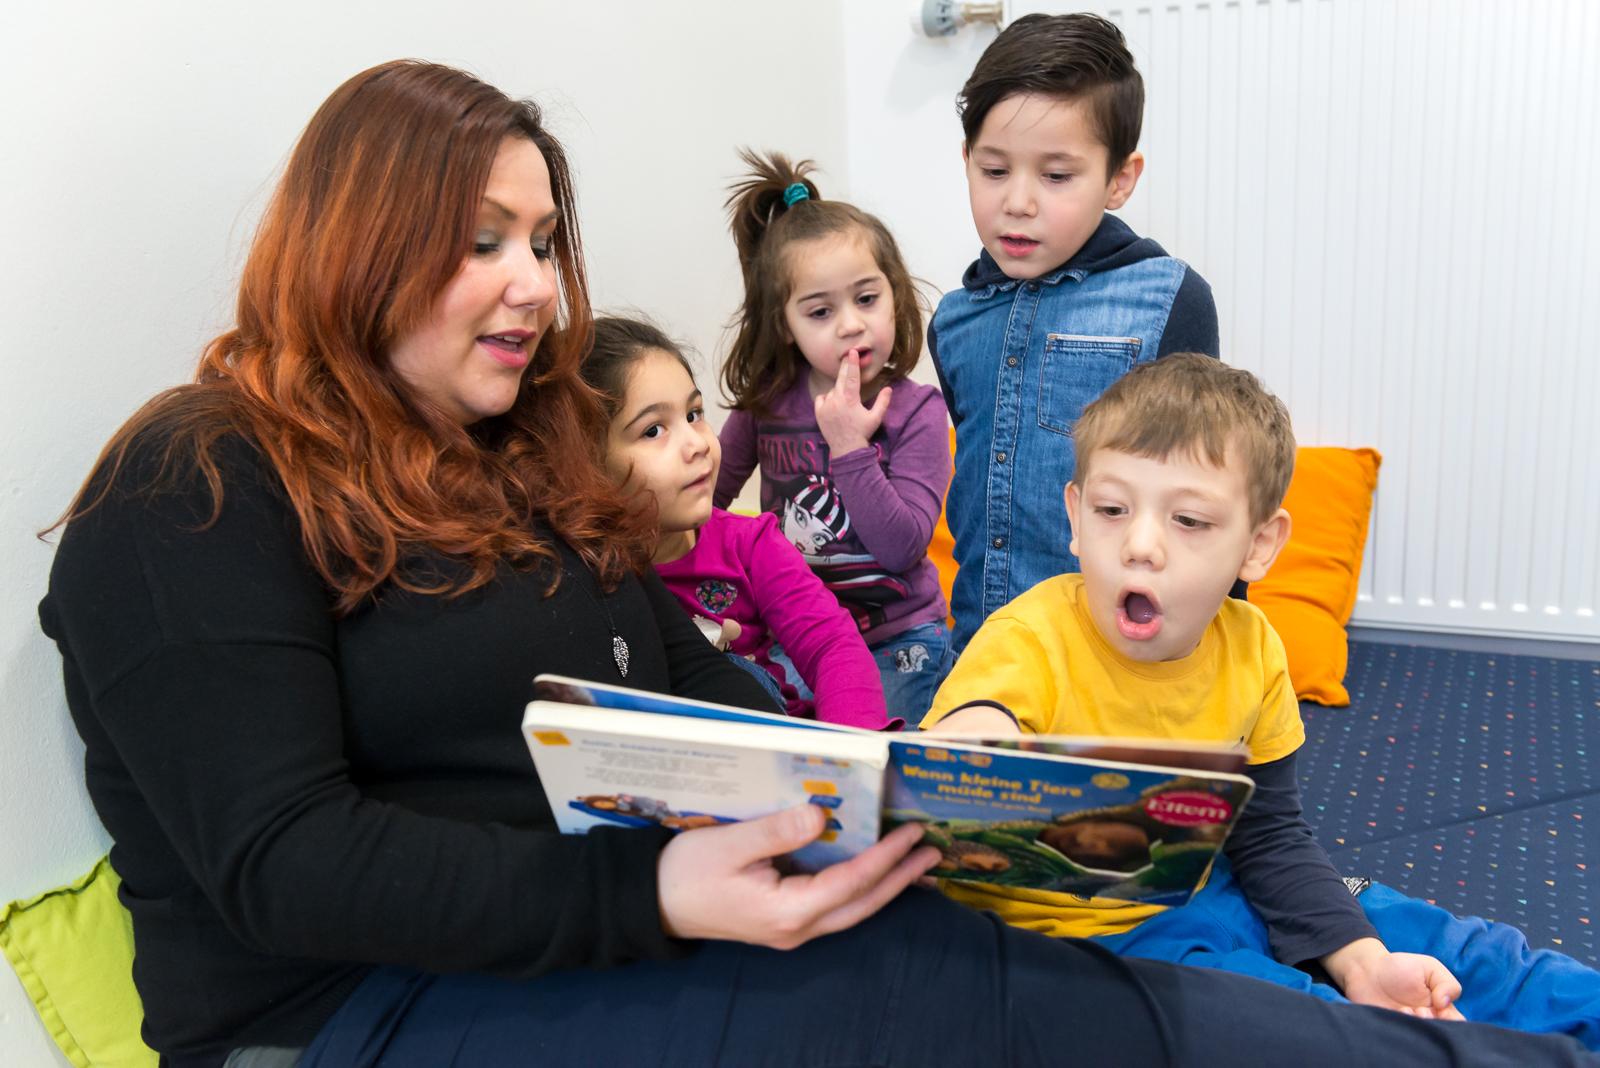 Eine junge Frau liest Kita-Kindern aus einem Buch vor.